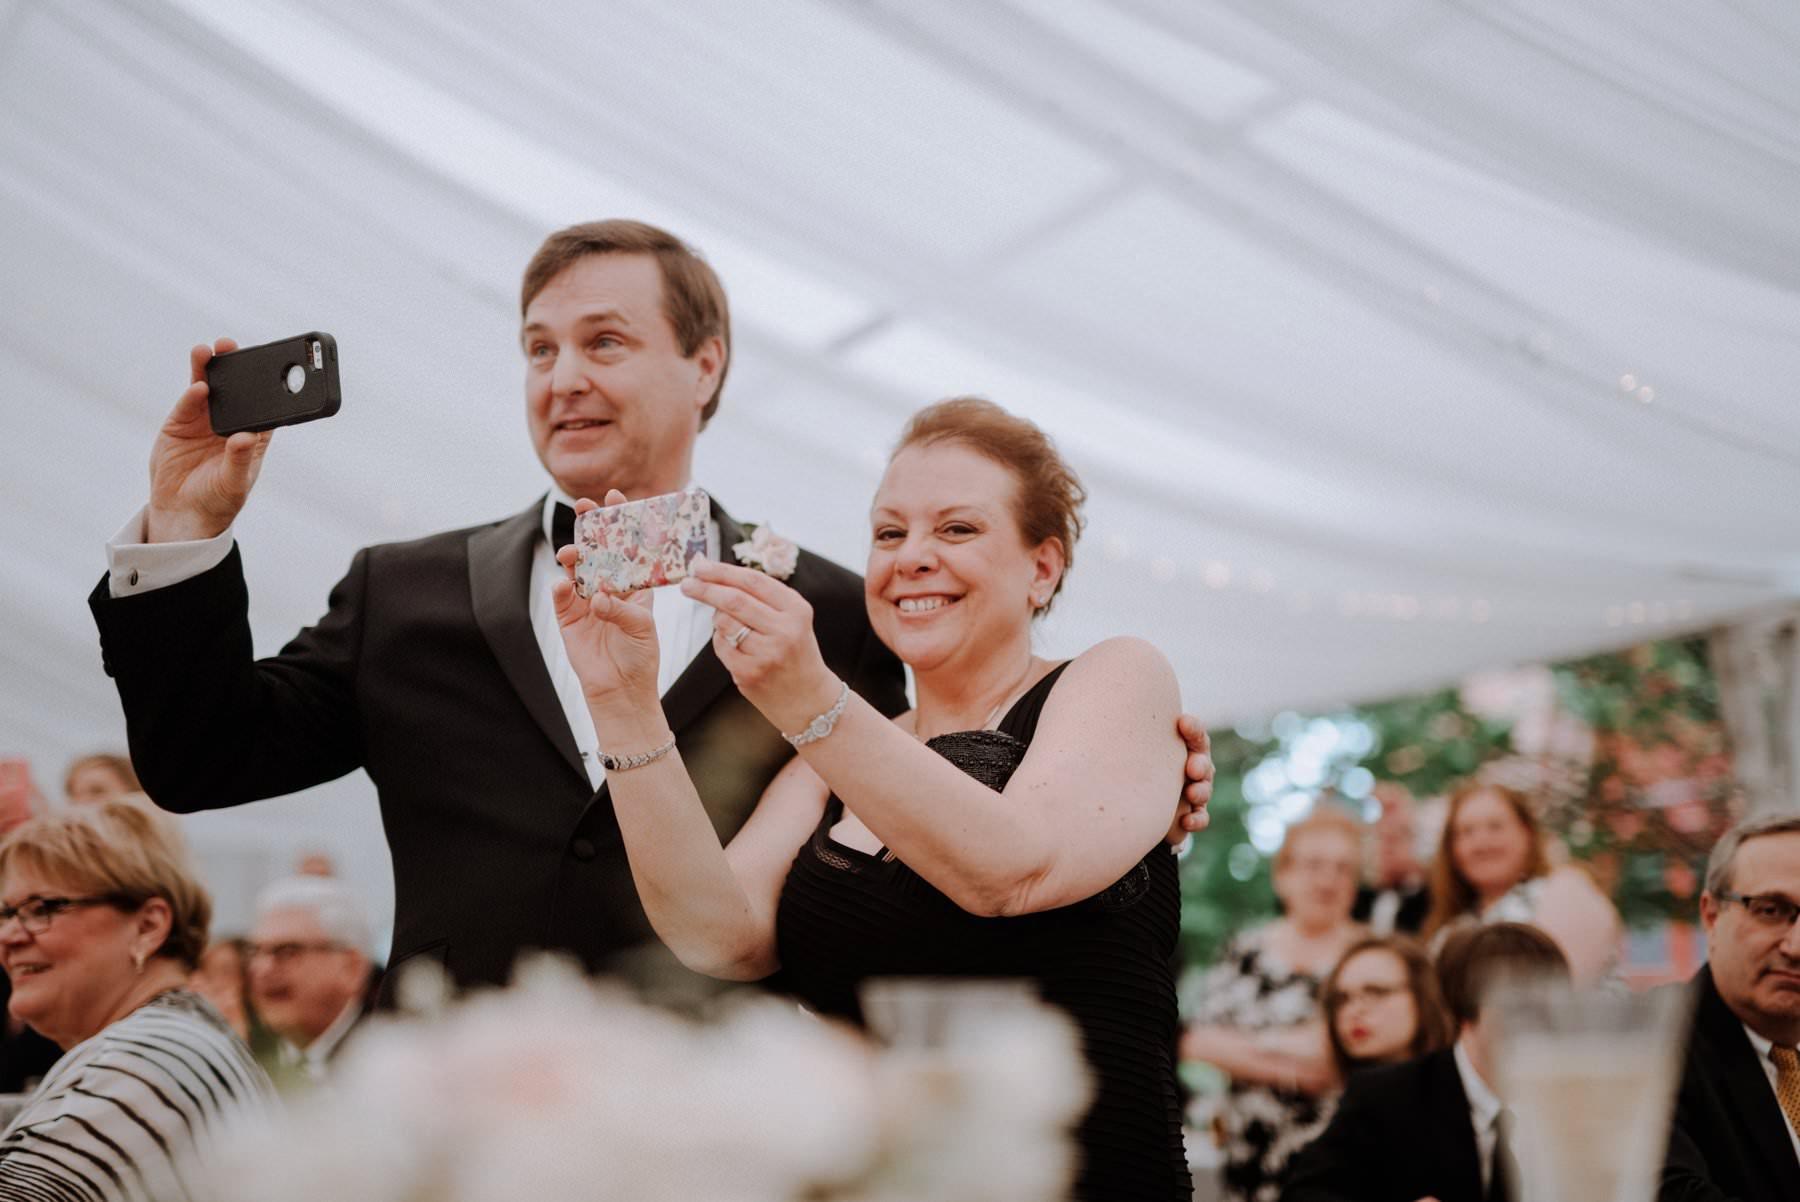 westmoreland_club_Wilkes_Berre_wedding-64.jpg